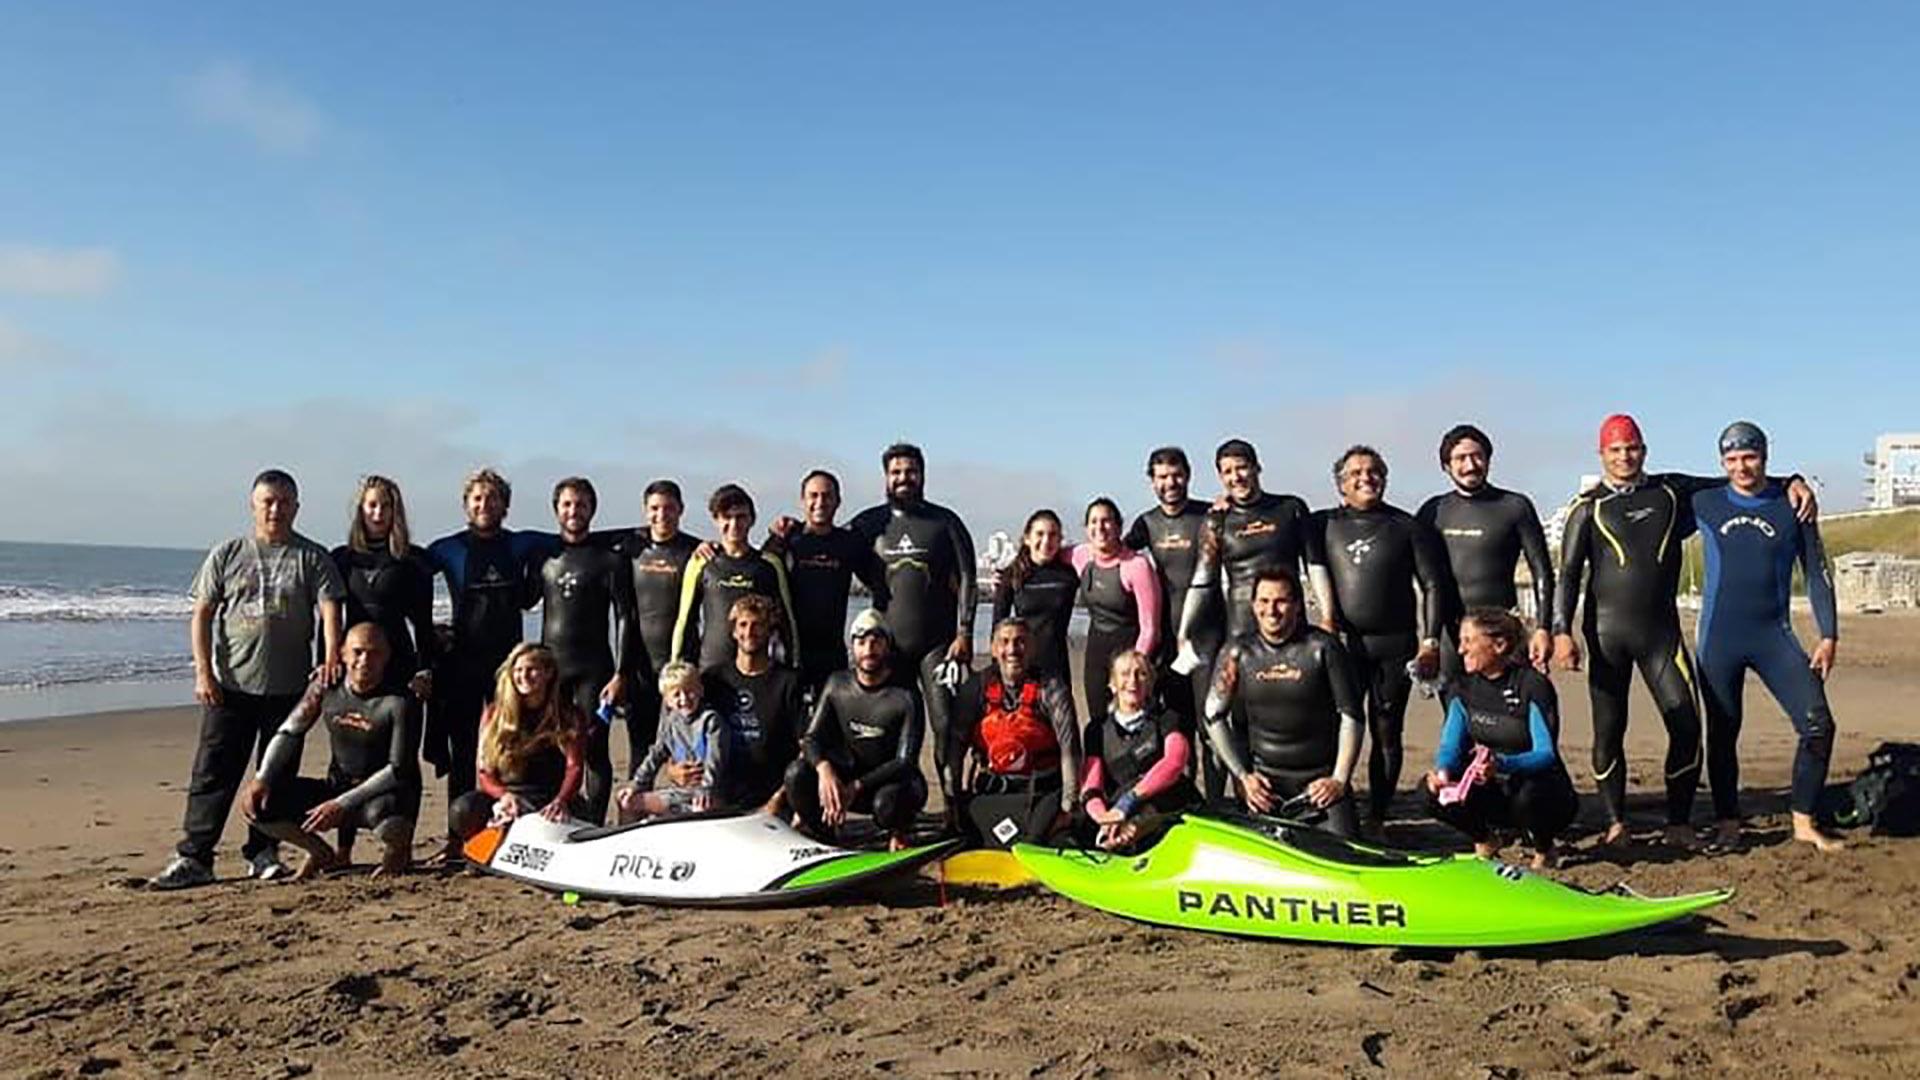 Nadar para no olvidar, una propuesta que nació en Mar del Plata (@nadarparanoolvidar)